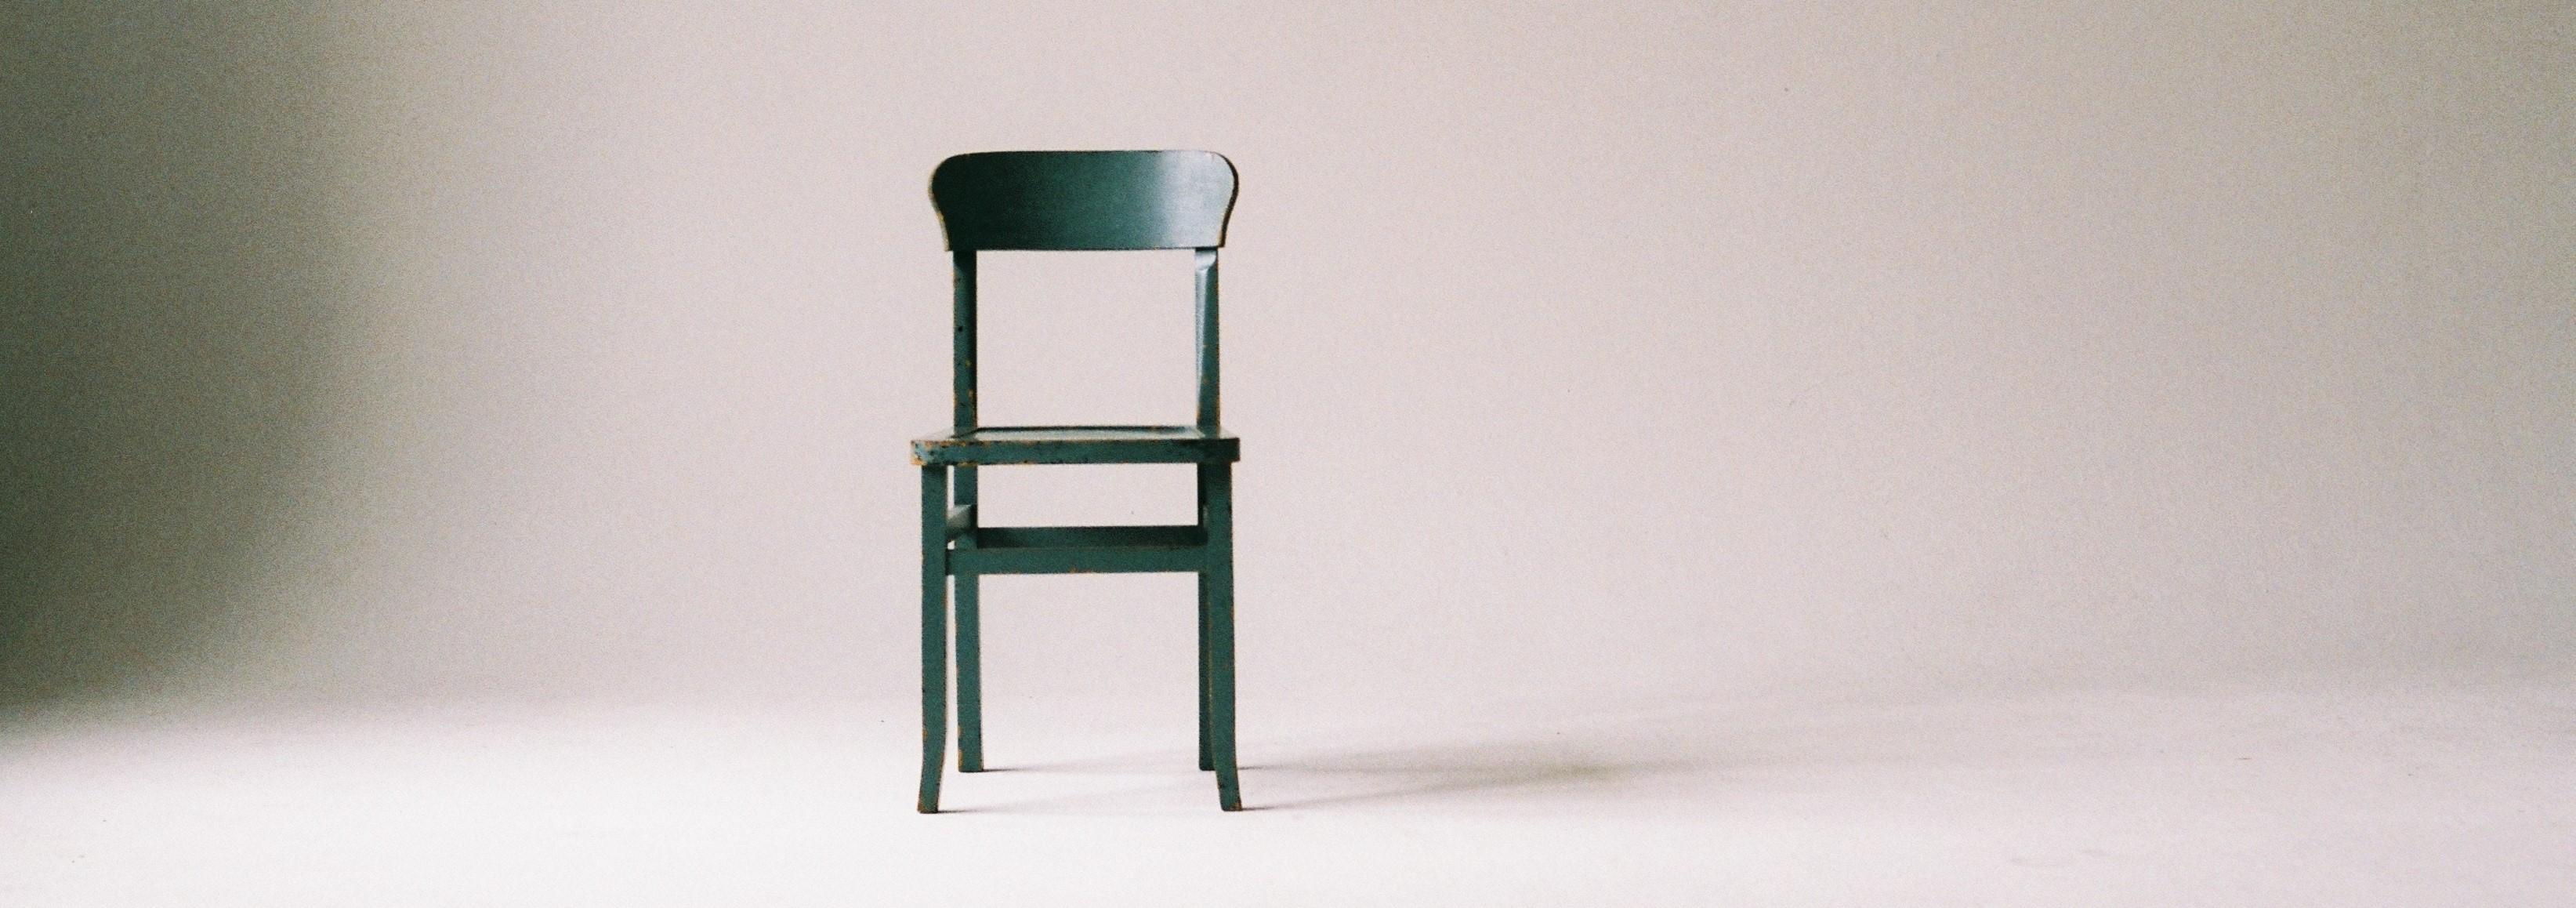 Art As Healing Chair